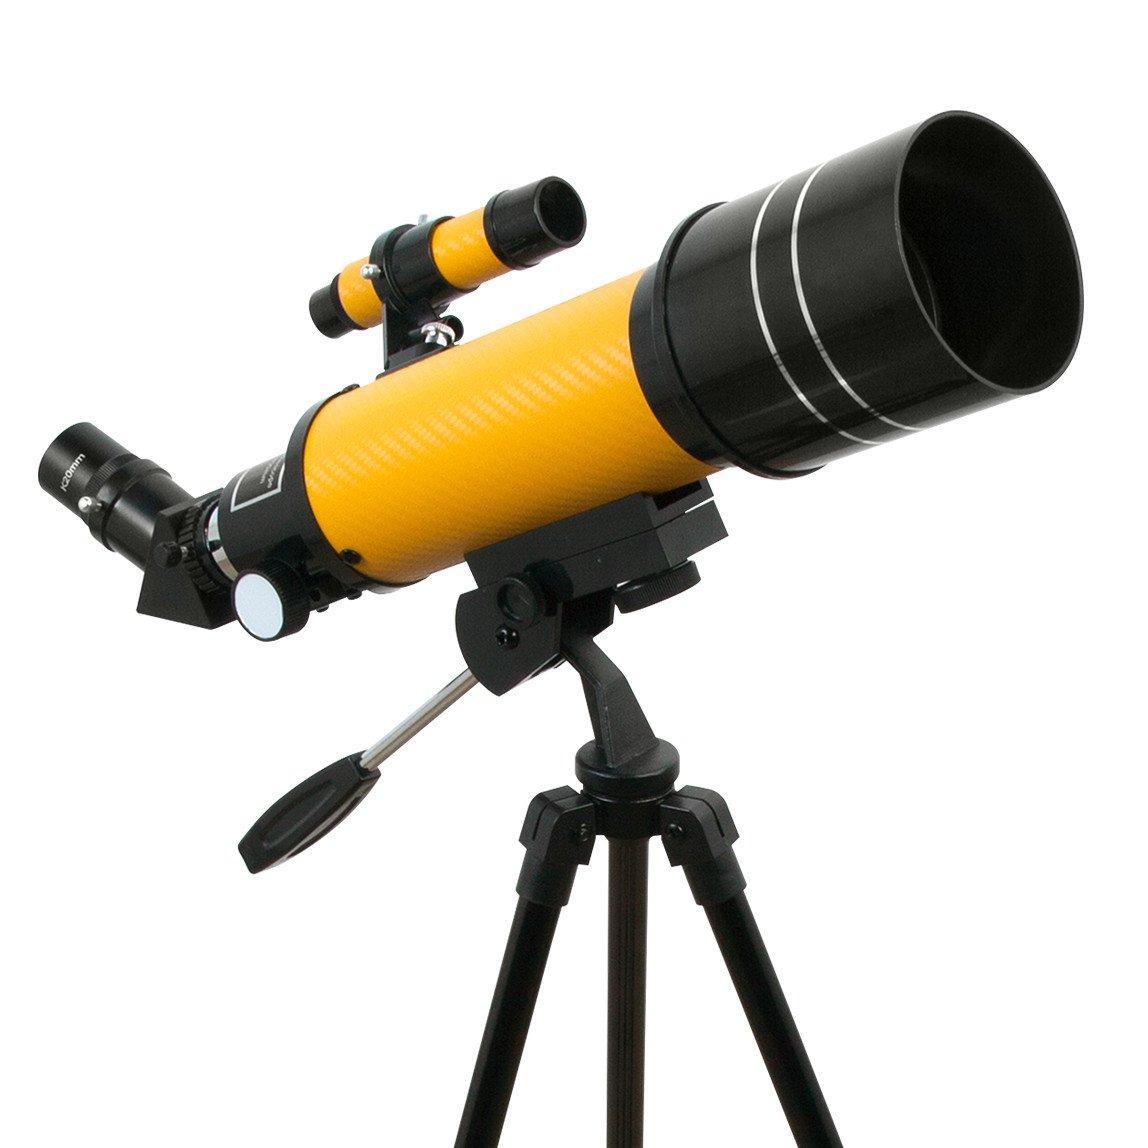 Explore Scientific サンキャッチャー 70mm望遠鏡   B00329RGGC